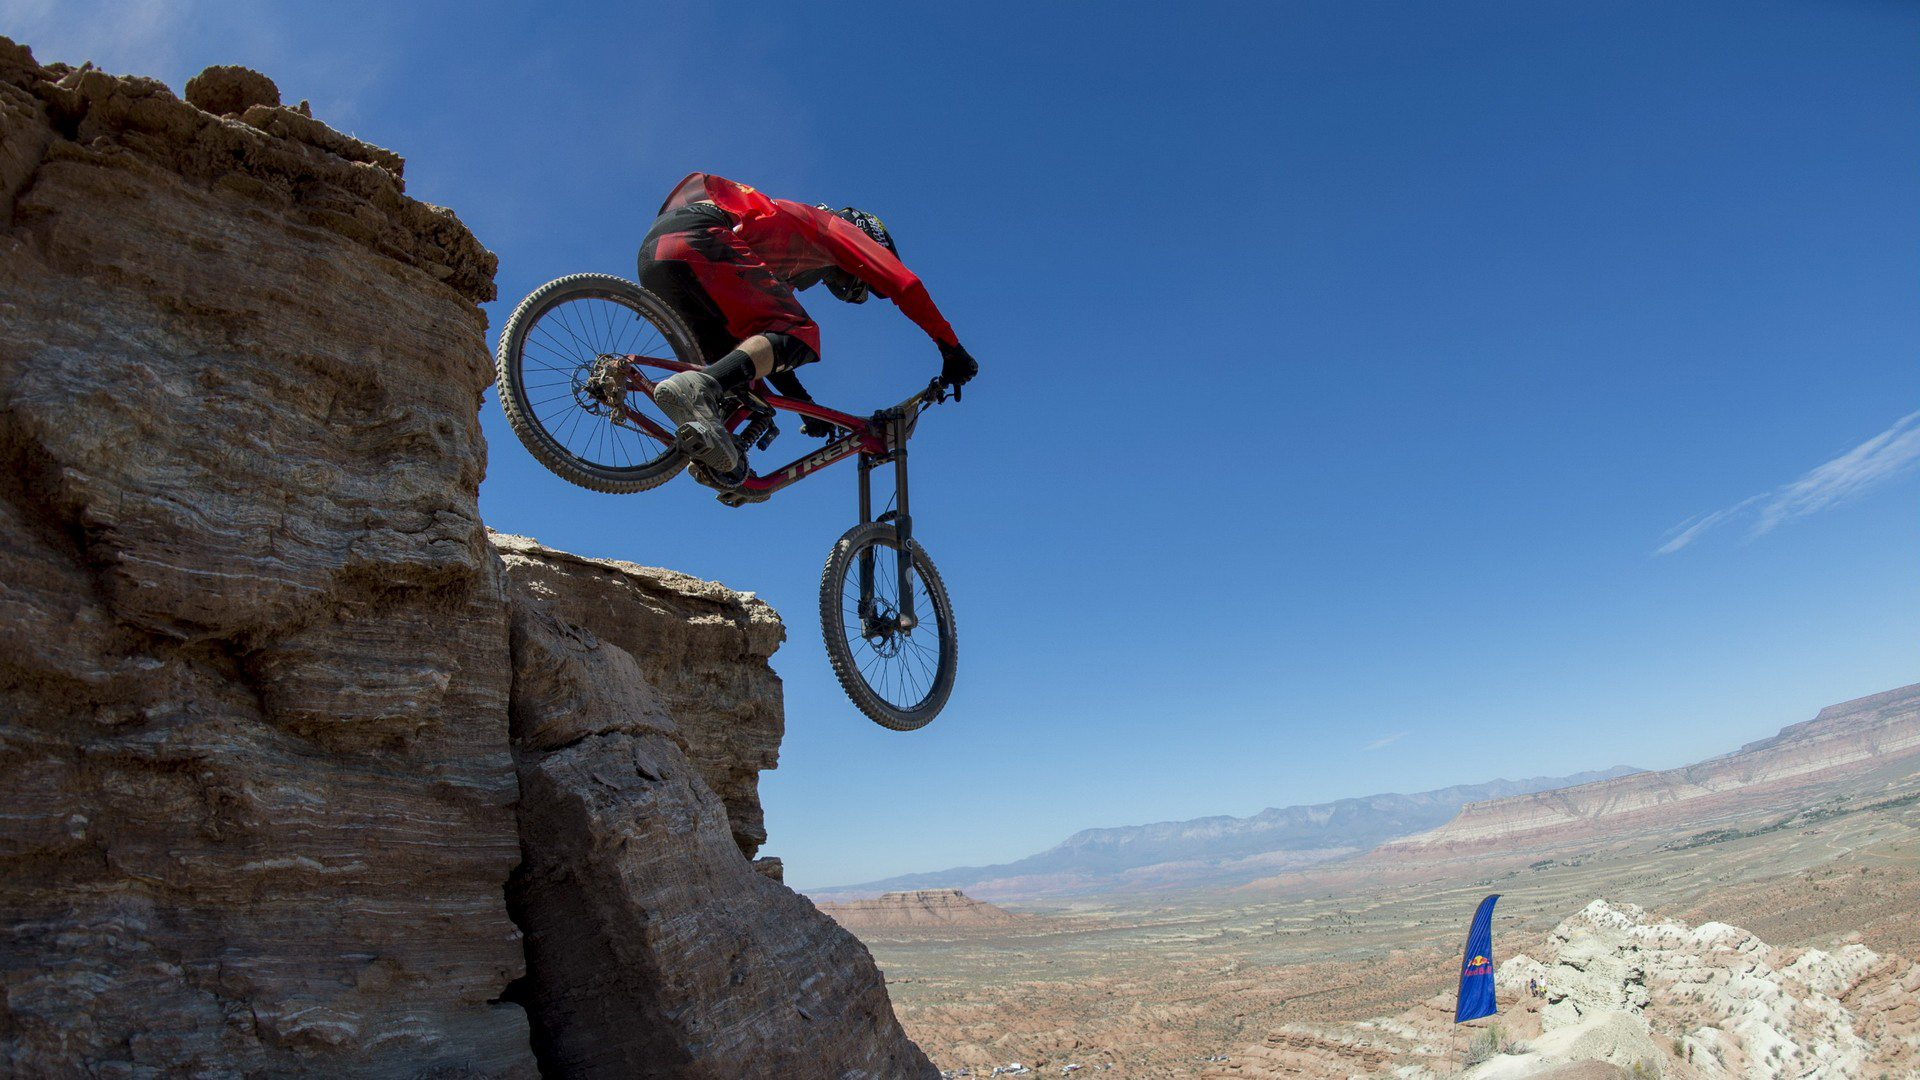 велосипед, велик, прыжок